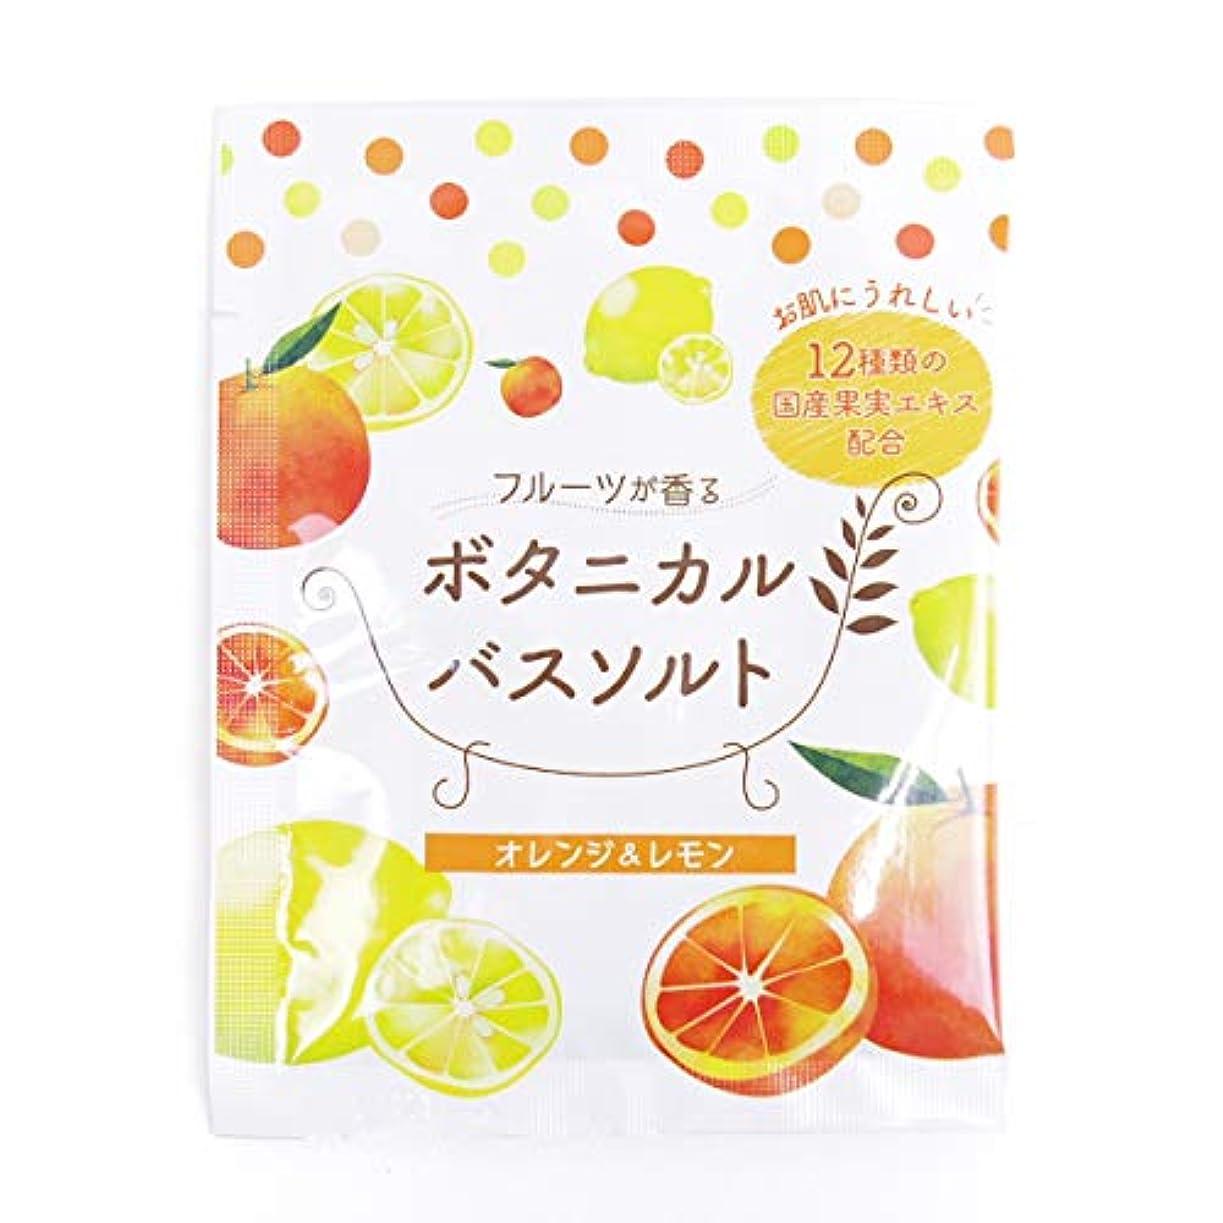 裏切り者ブランク餌松田医薬品 フルーツが香るボタニカルバスソルト オレンジ&レモン 30g